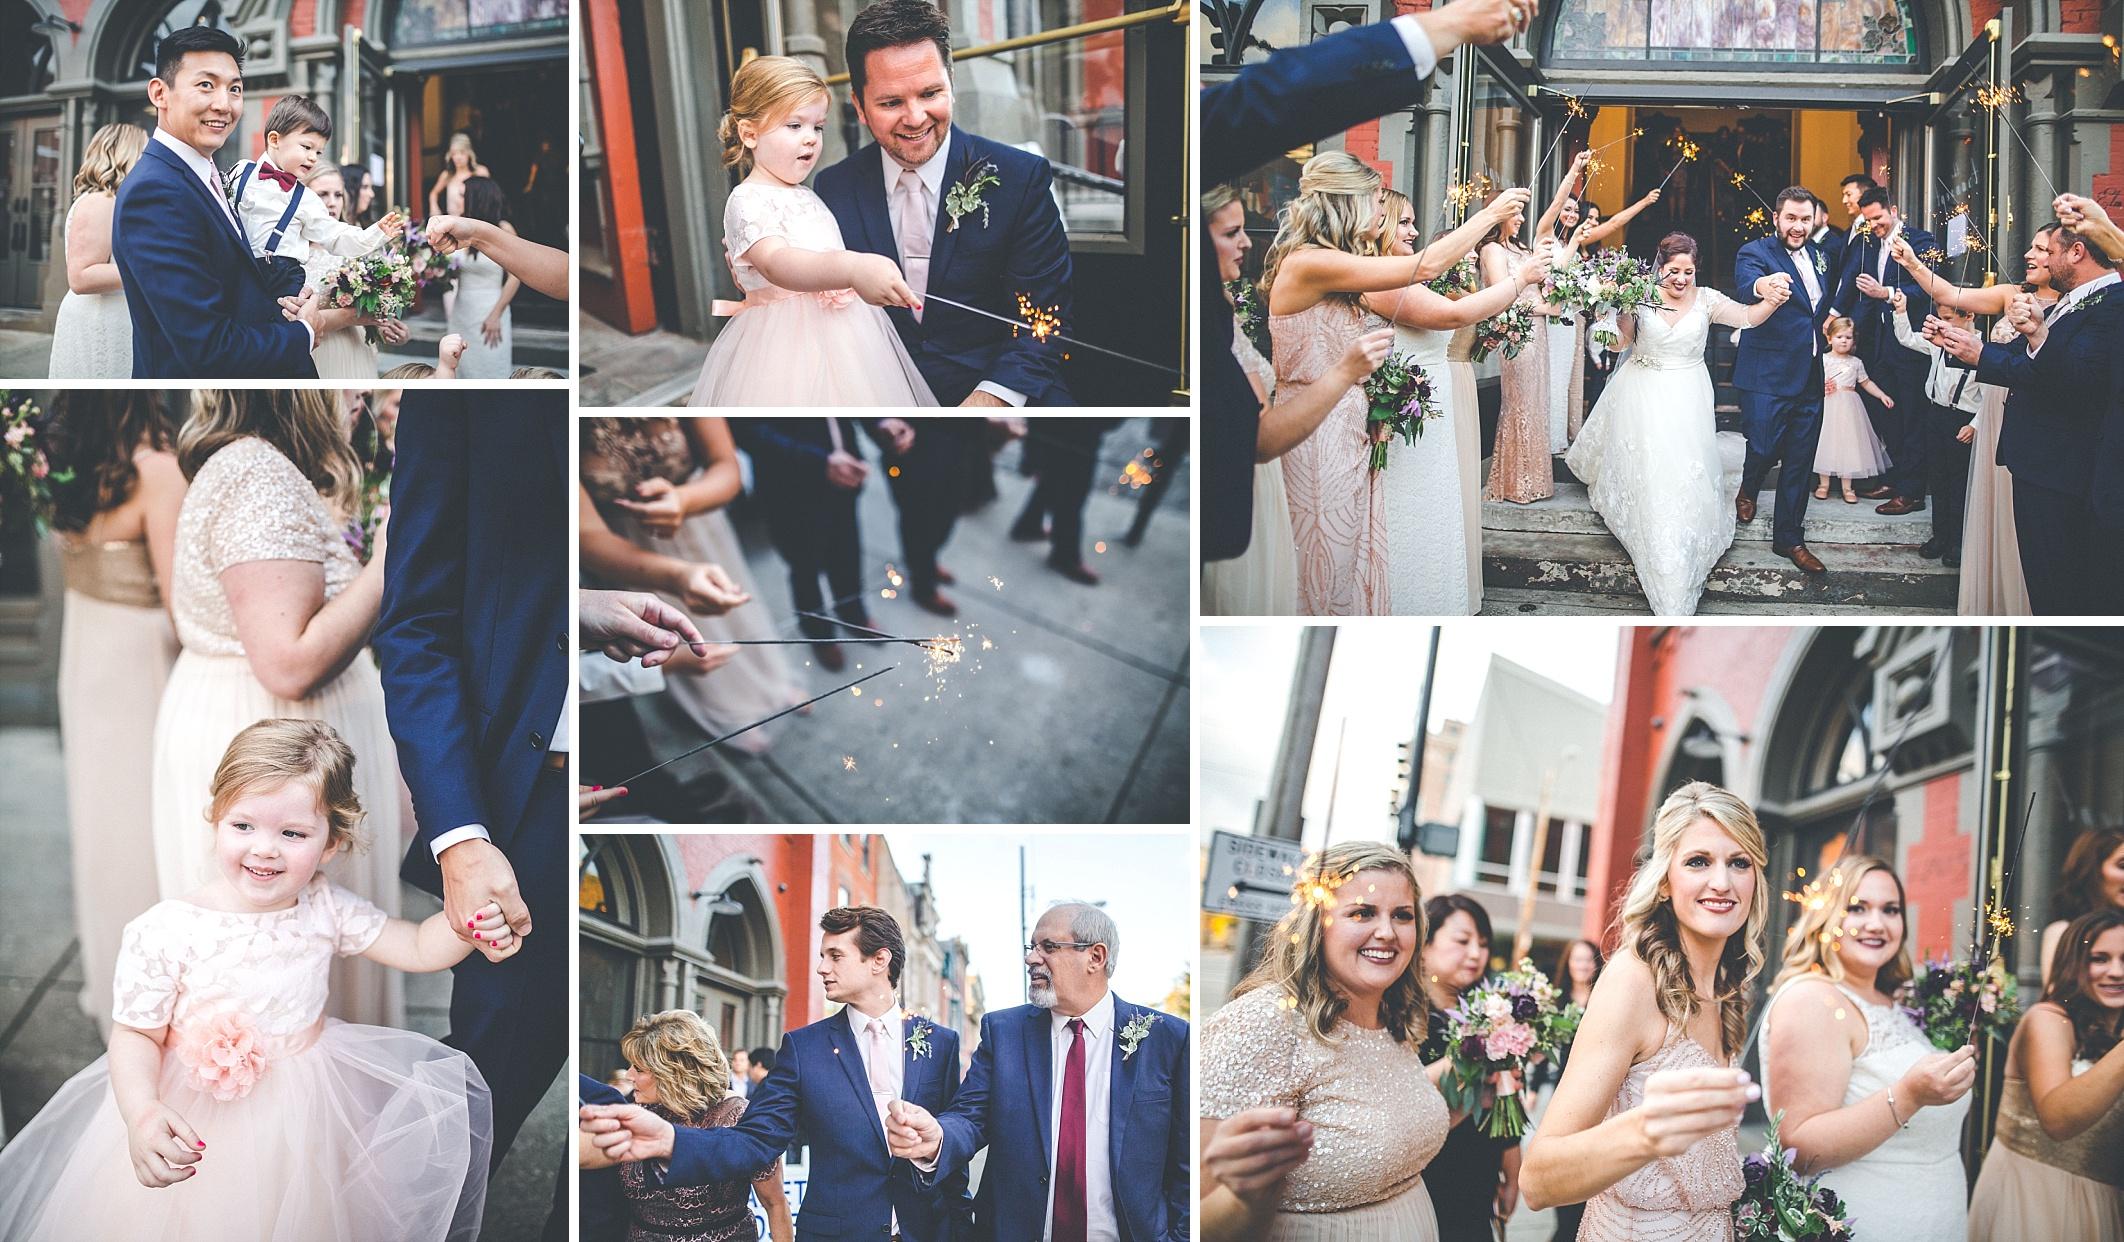 hilary-aaron-cincinnati-trancept-wedding-photographer-dayton-ohio_0033.jpg